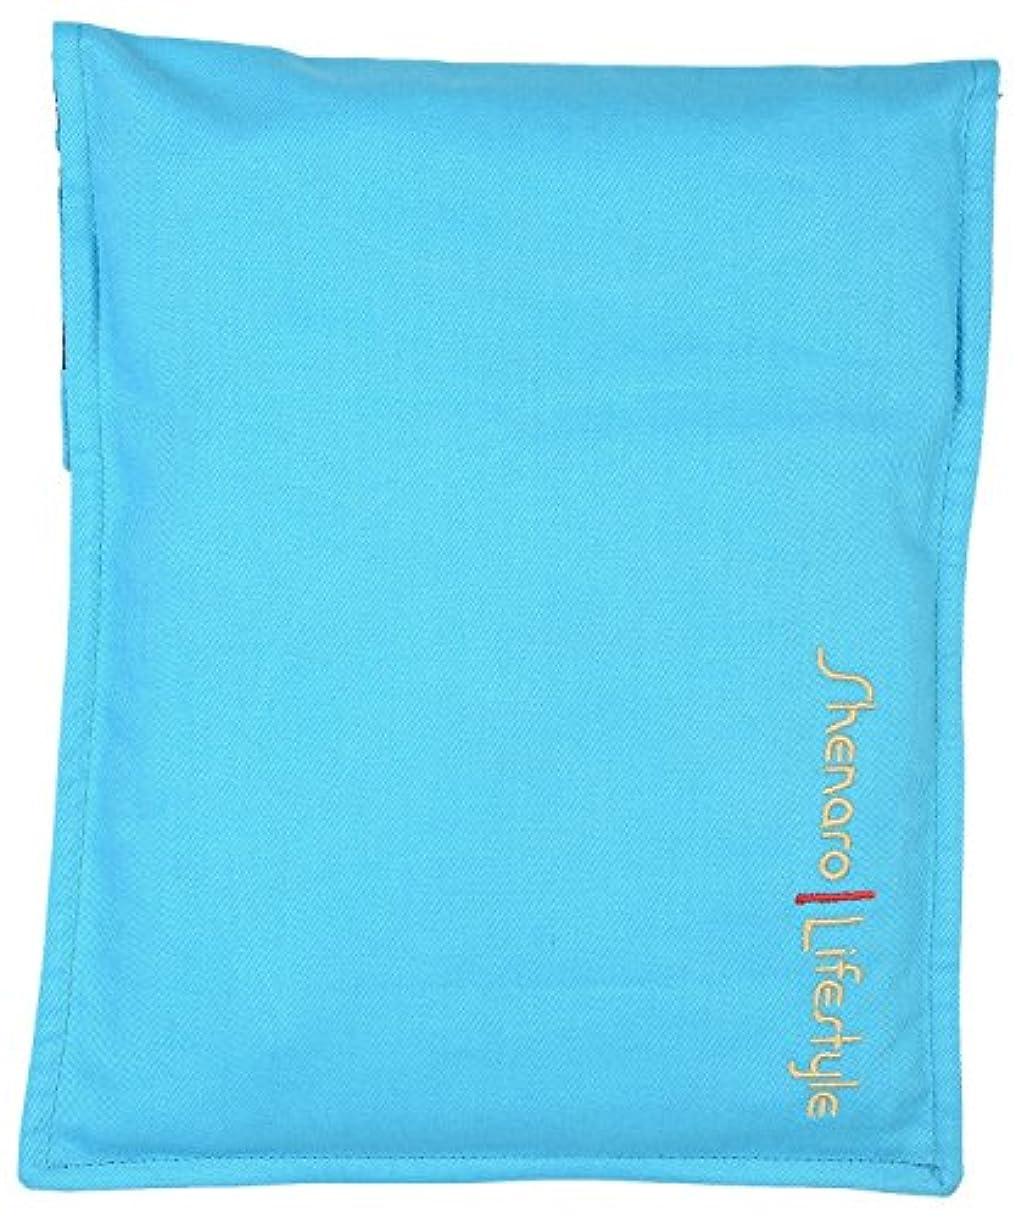 疑問を超えてラップスマッシュShenaro Lifestyle's: Cotton Organic and Eco-Friendly Pain Relief Wheat Bag with Treated Whole Grains and Aroma...